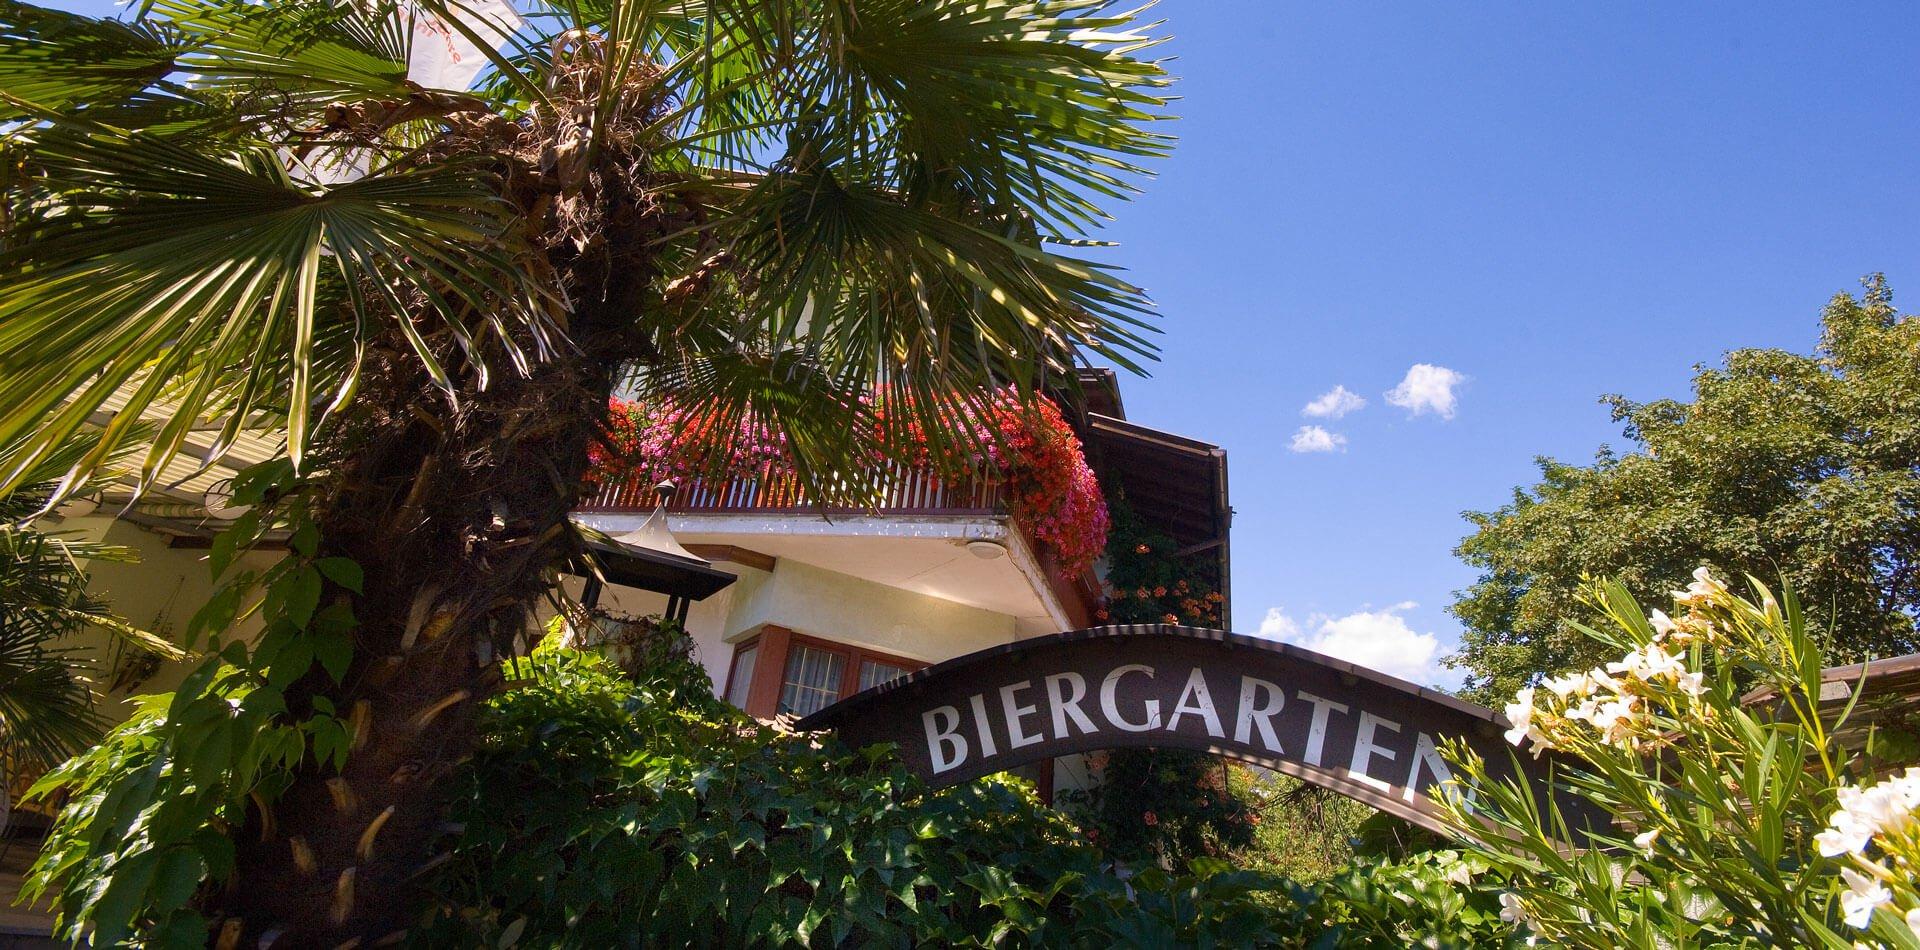 hotel-mit-biergarten